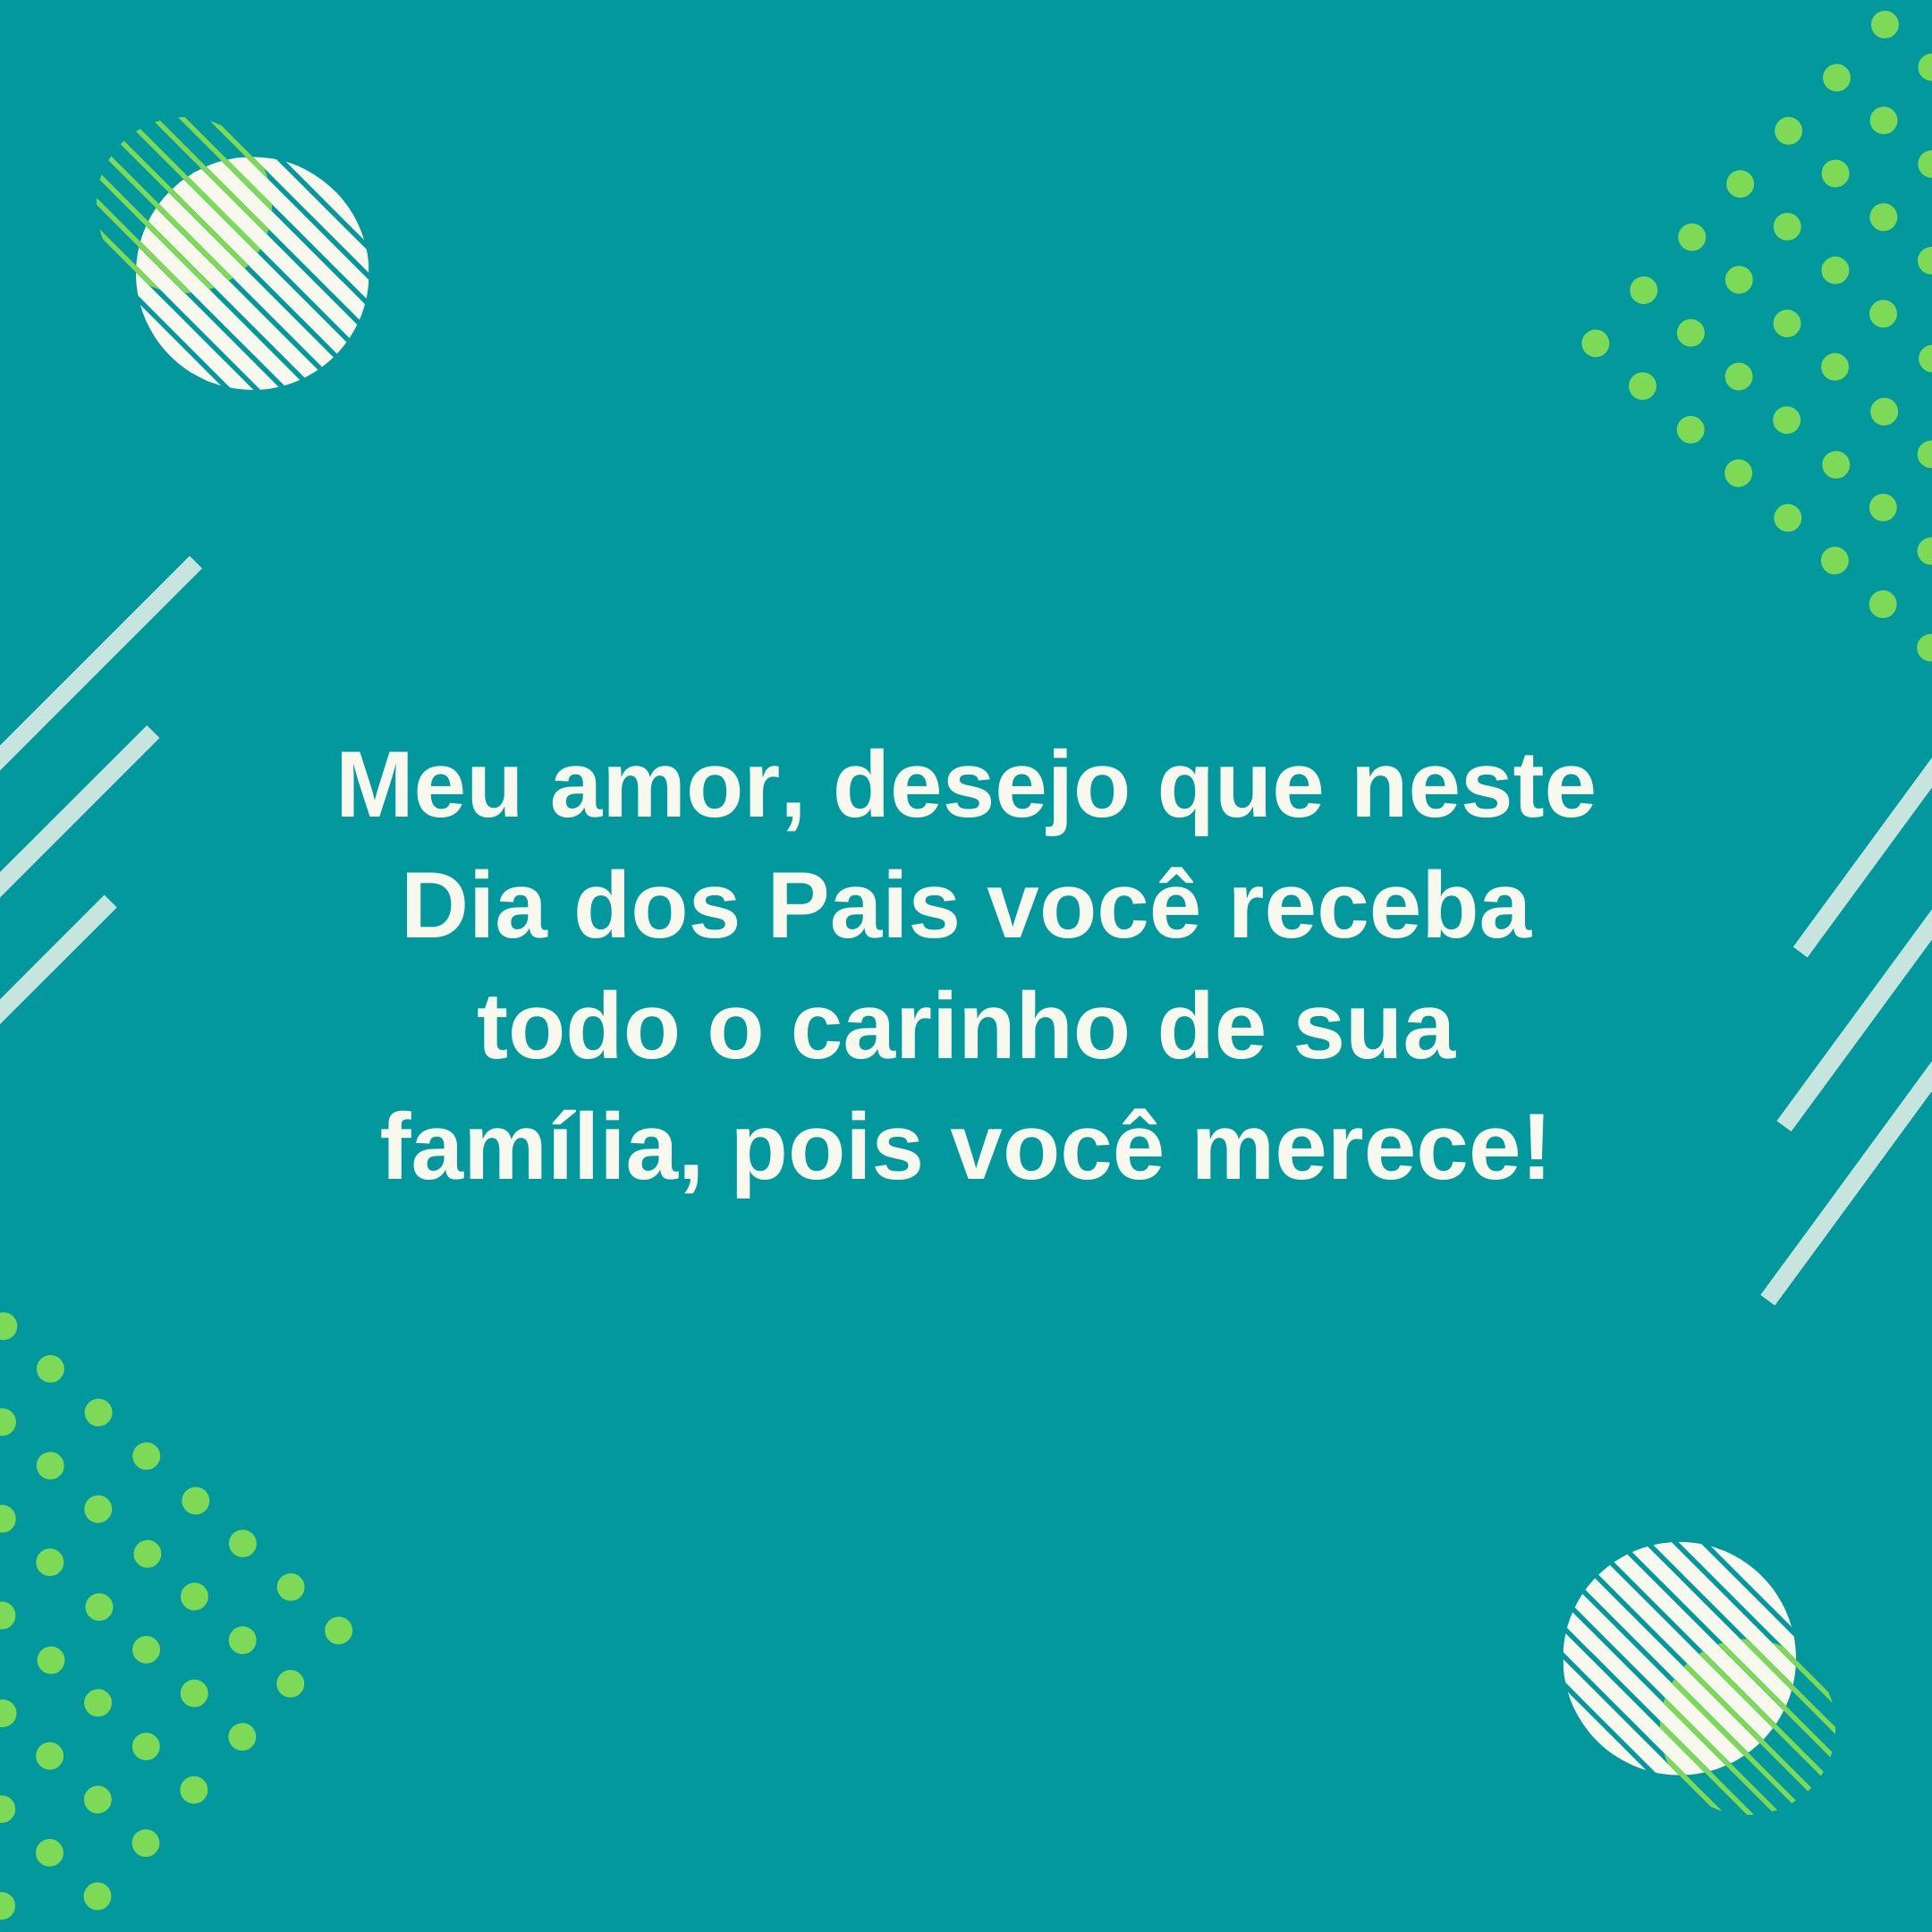 Meu amor, desejo que neste Dia dos Pais você receba todo o carinho de sua família, pois você merece!